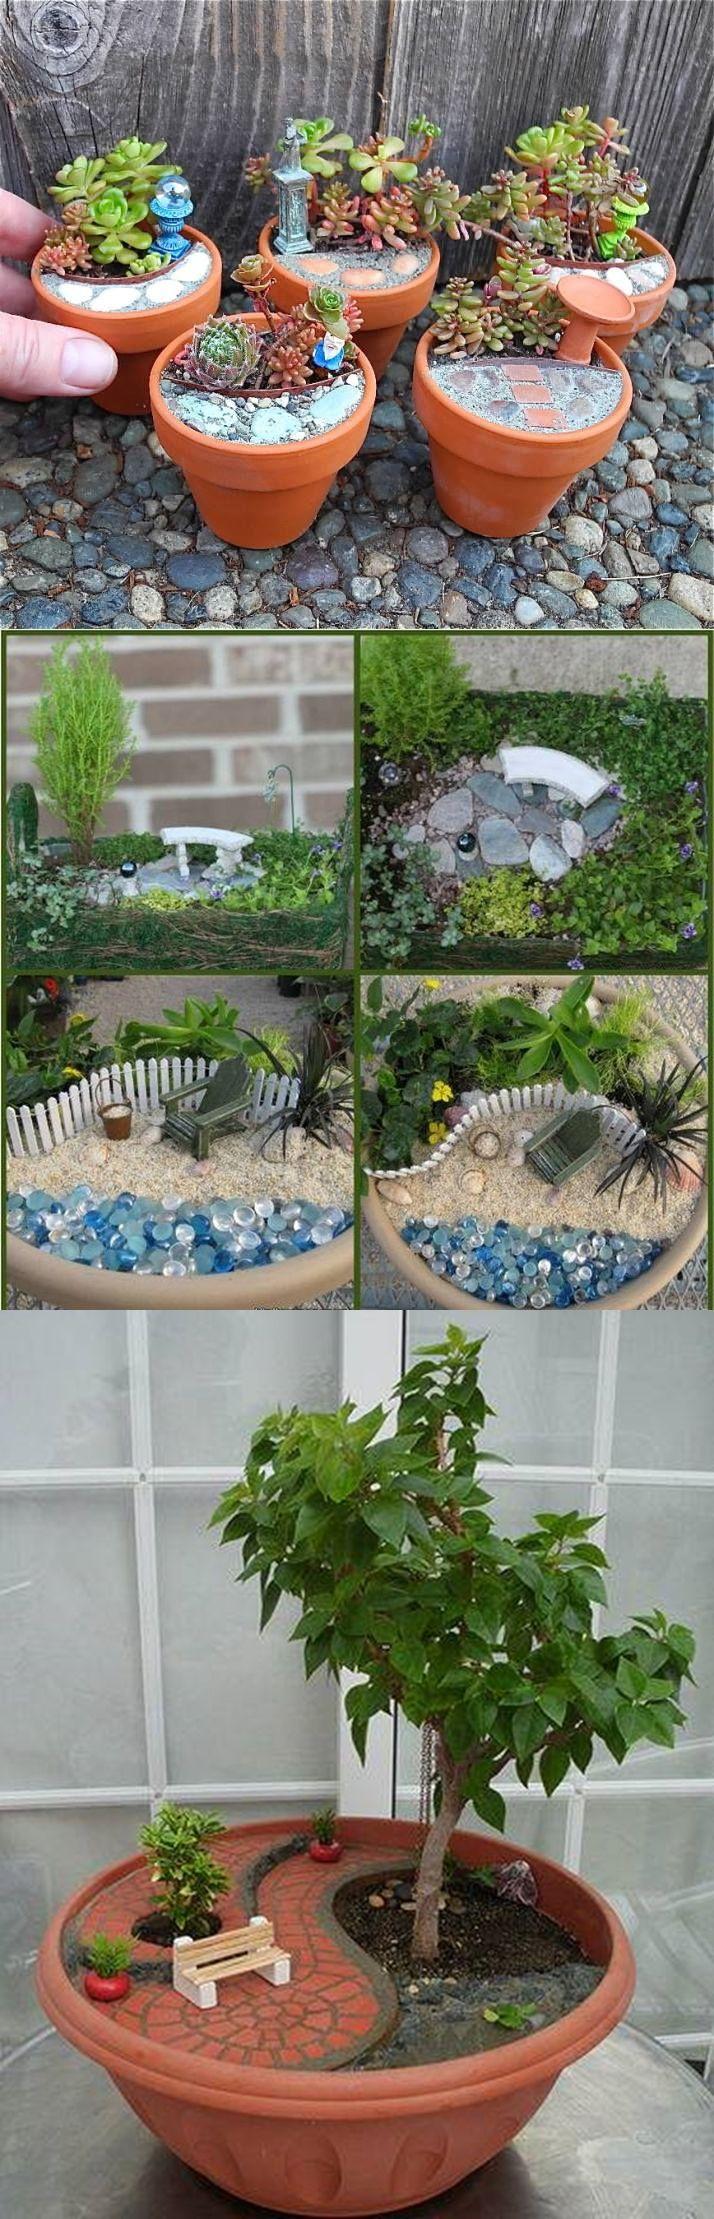 Mini-jardines son maravillosos y también son muy lindo. Diseñar un mini jardín, La falta de espacio no es excusa para ir por la vida sin un jardín. Cómo ha